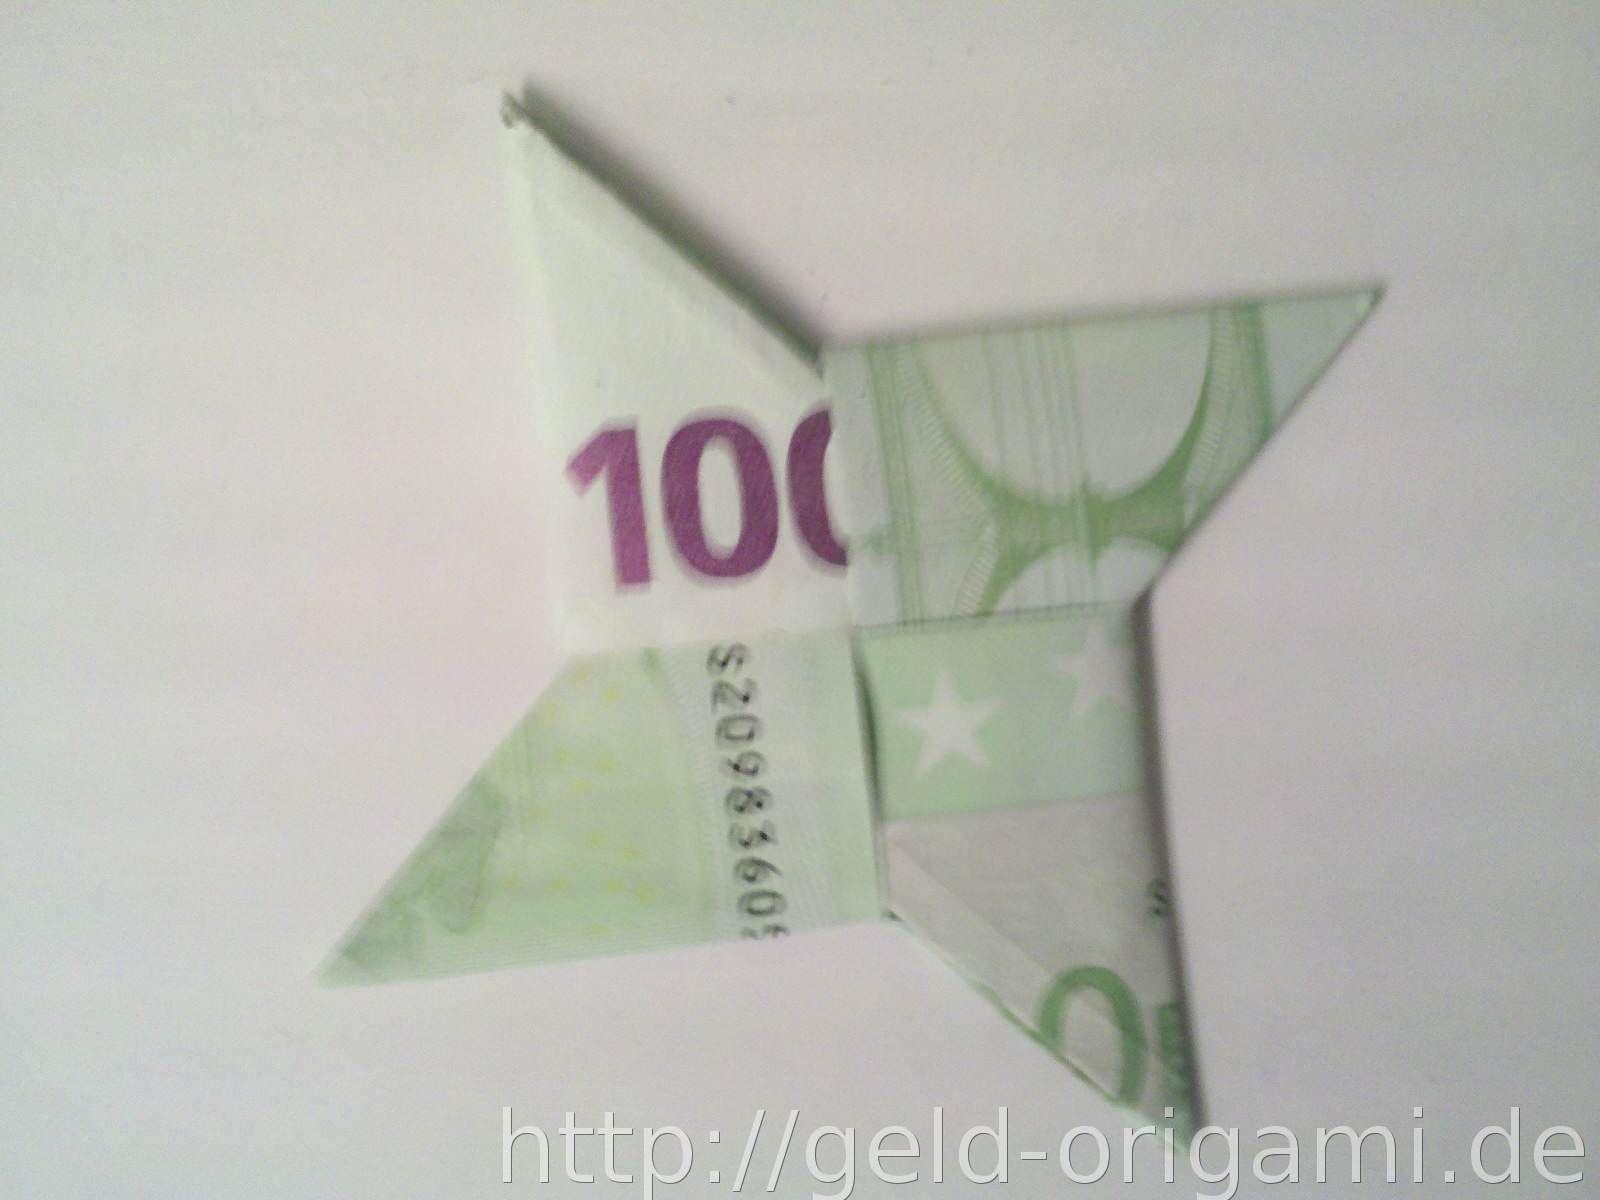 Origami-Stern aus Geldscheinen falten - Schritt 10